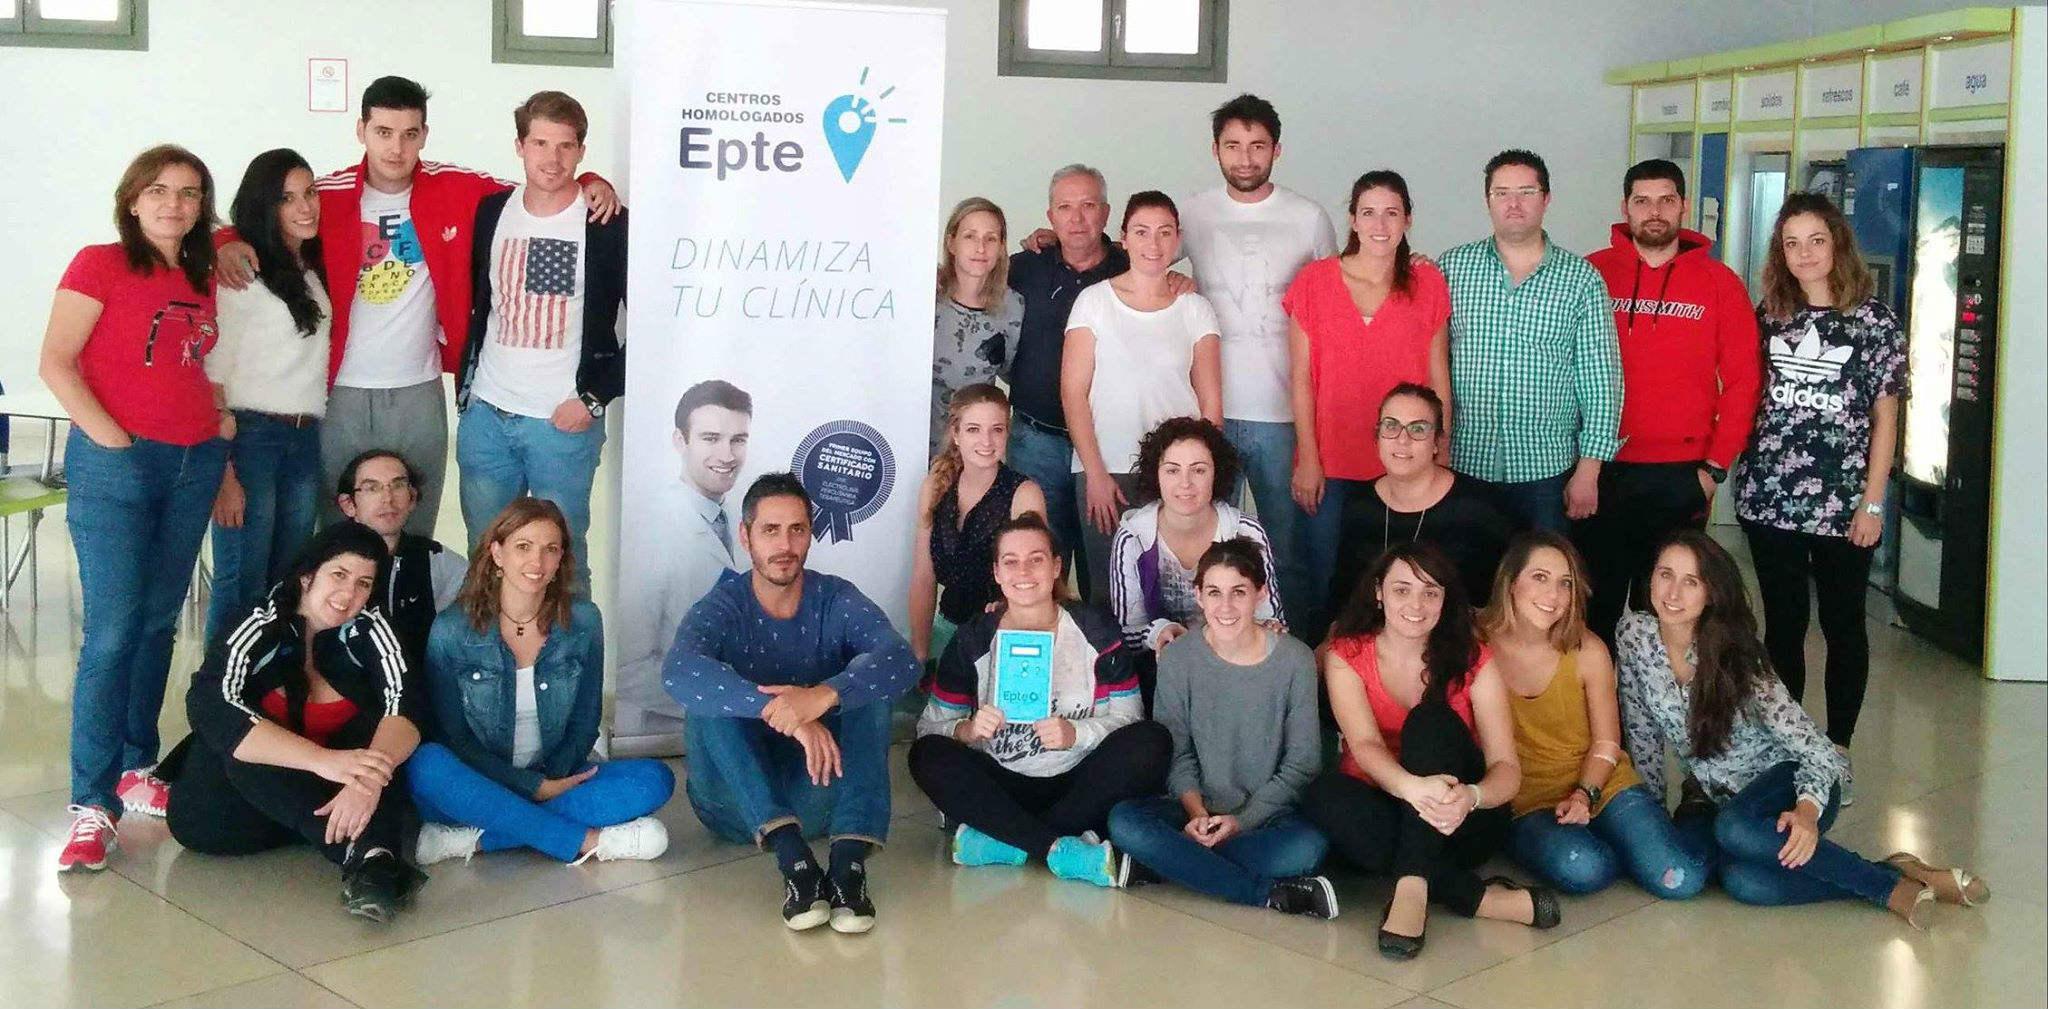 Galería imágnes de los cursos oficiales EPTE electrólisis percutánea terapéutica